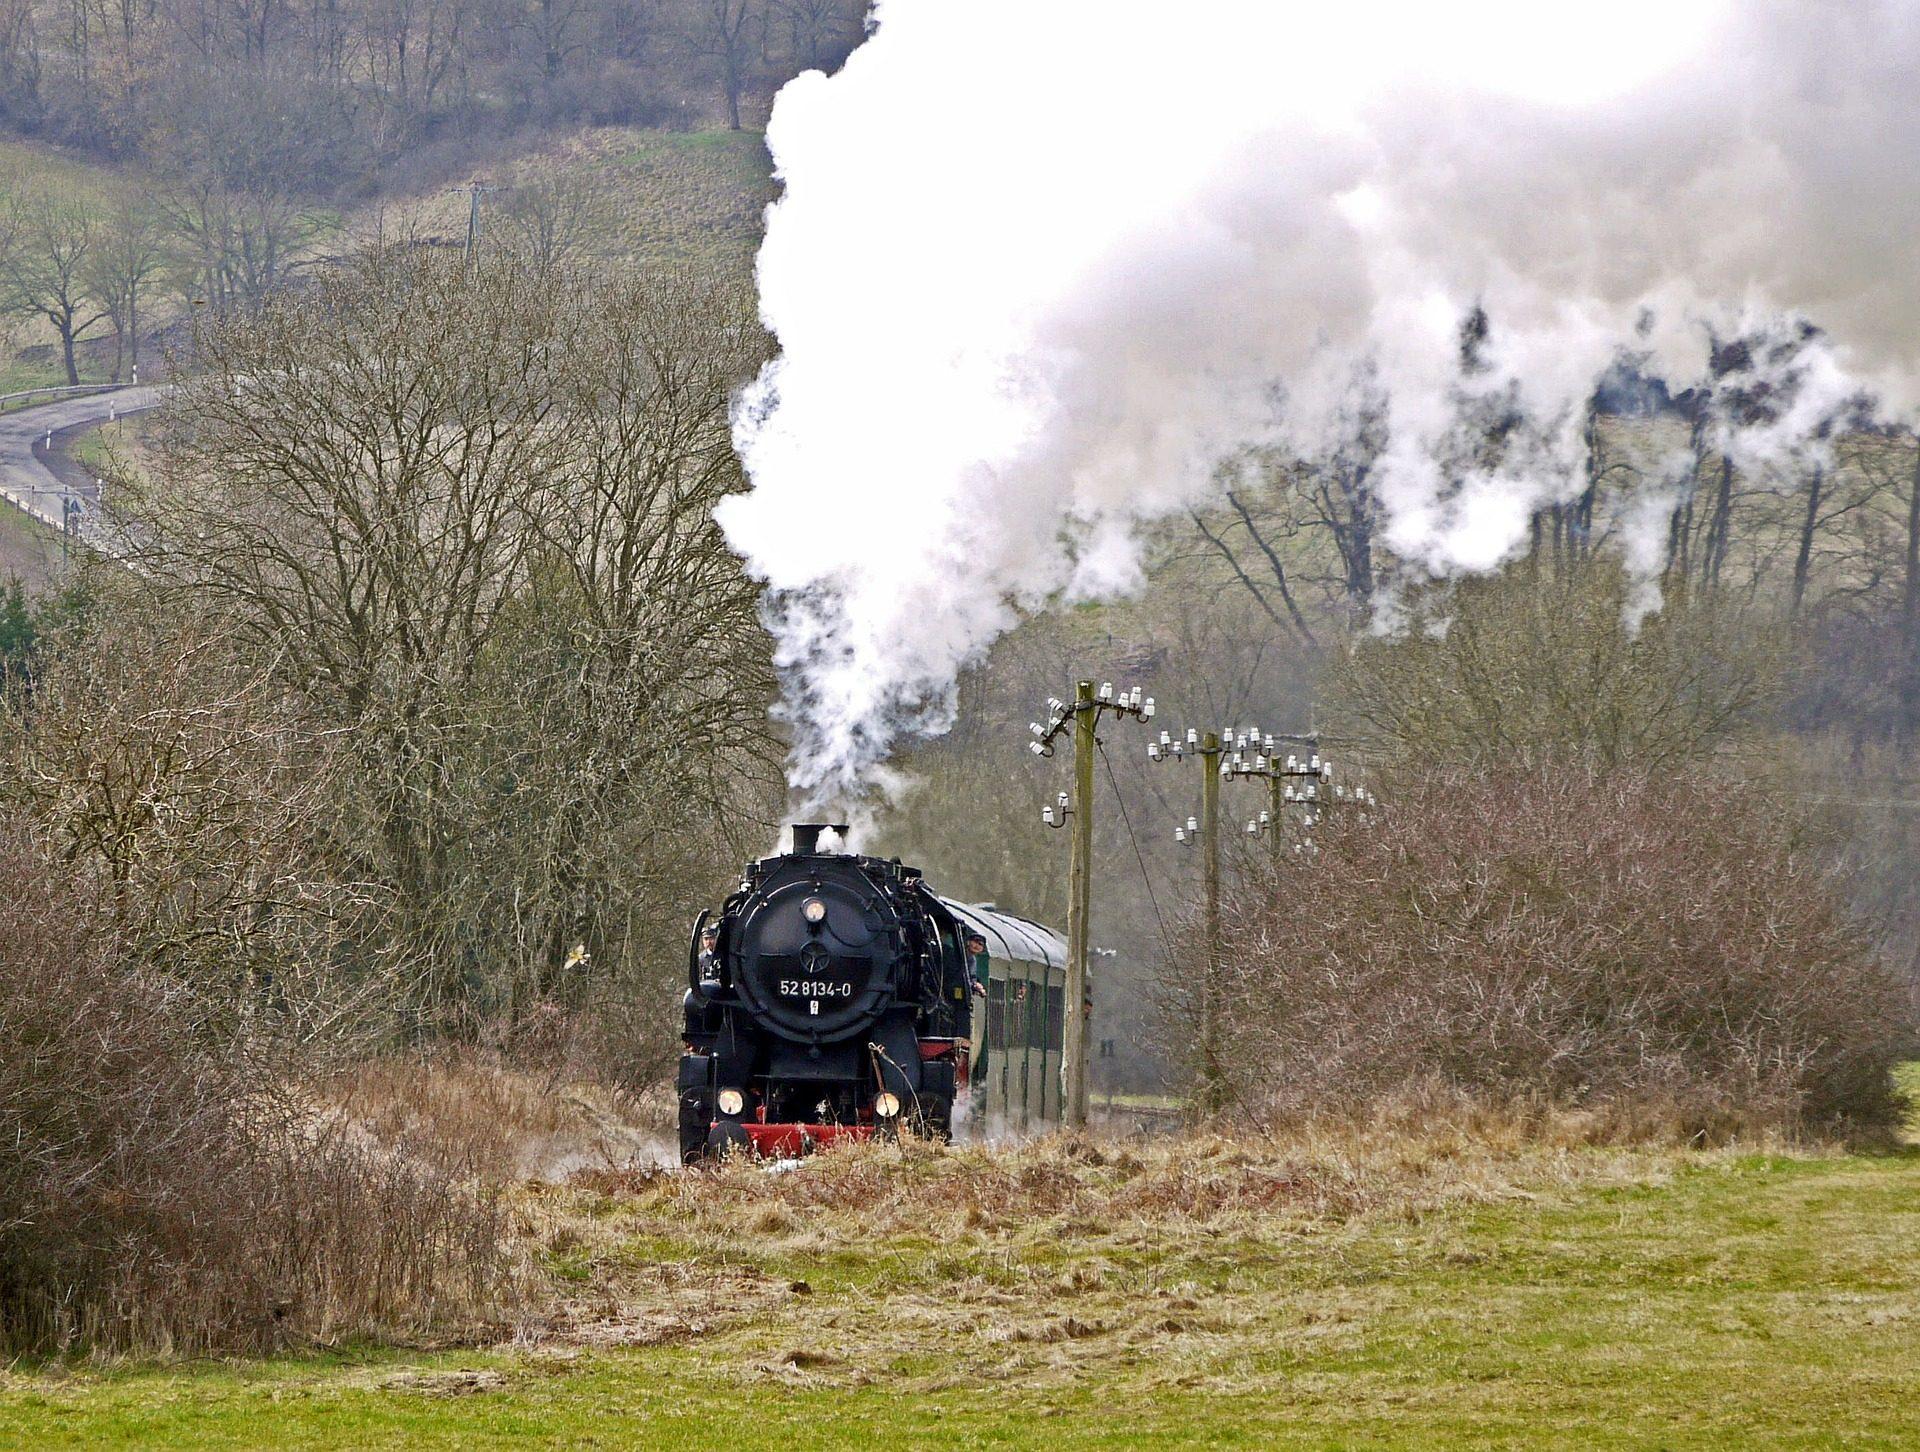 τρένο, ατμού, ατμομηχανή, καπνός, πεδίο - Wallpapers HD - Professor-falken.com